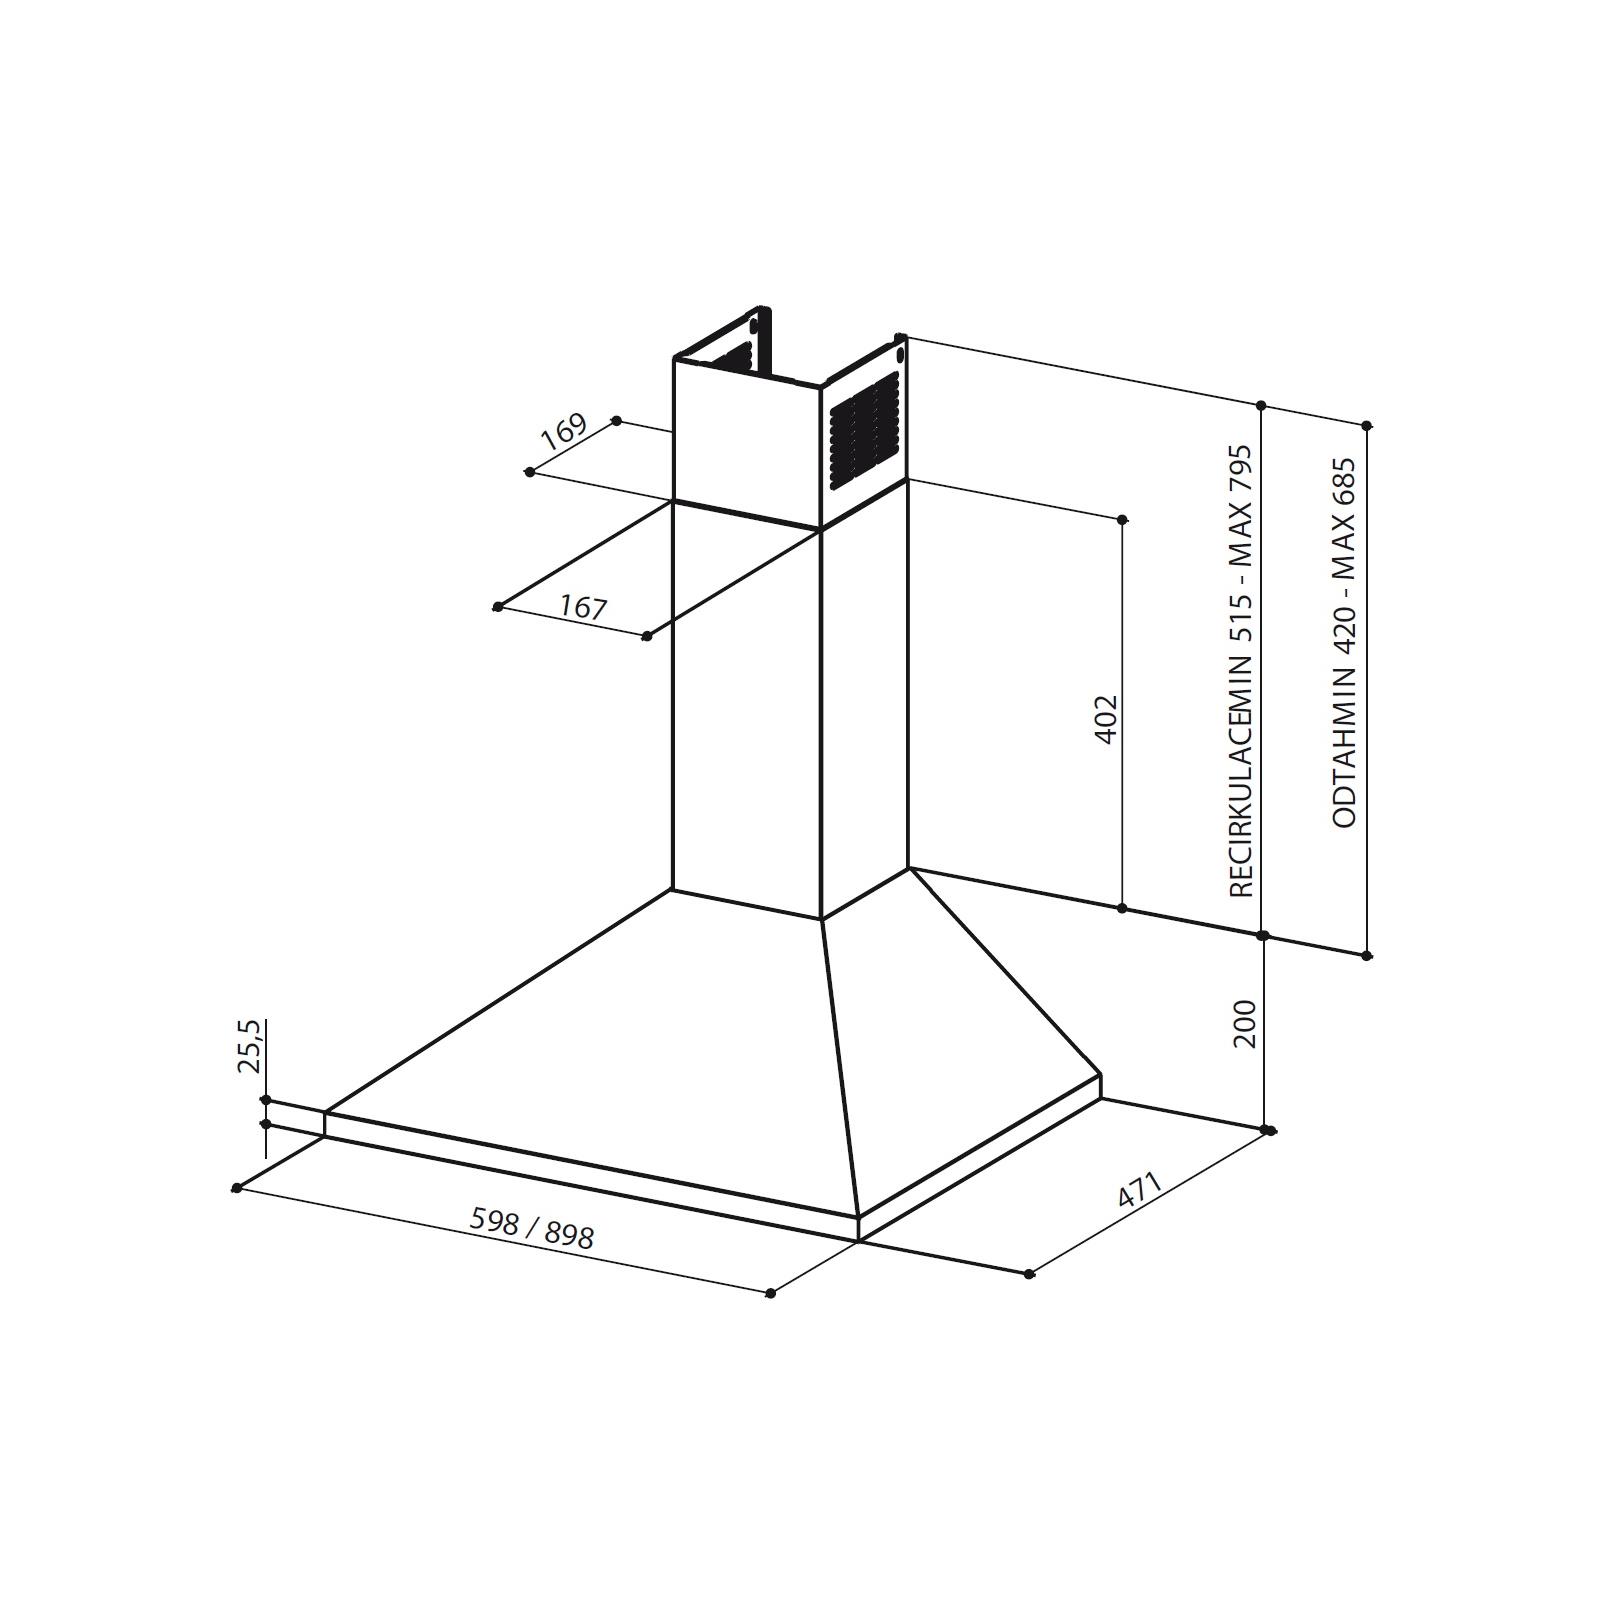 Вытяжка кухонная Faber VALUE W A 60 PB изображение 2